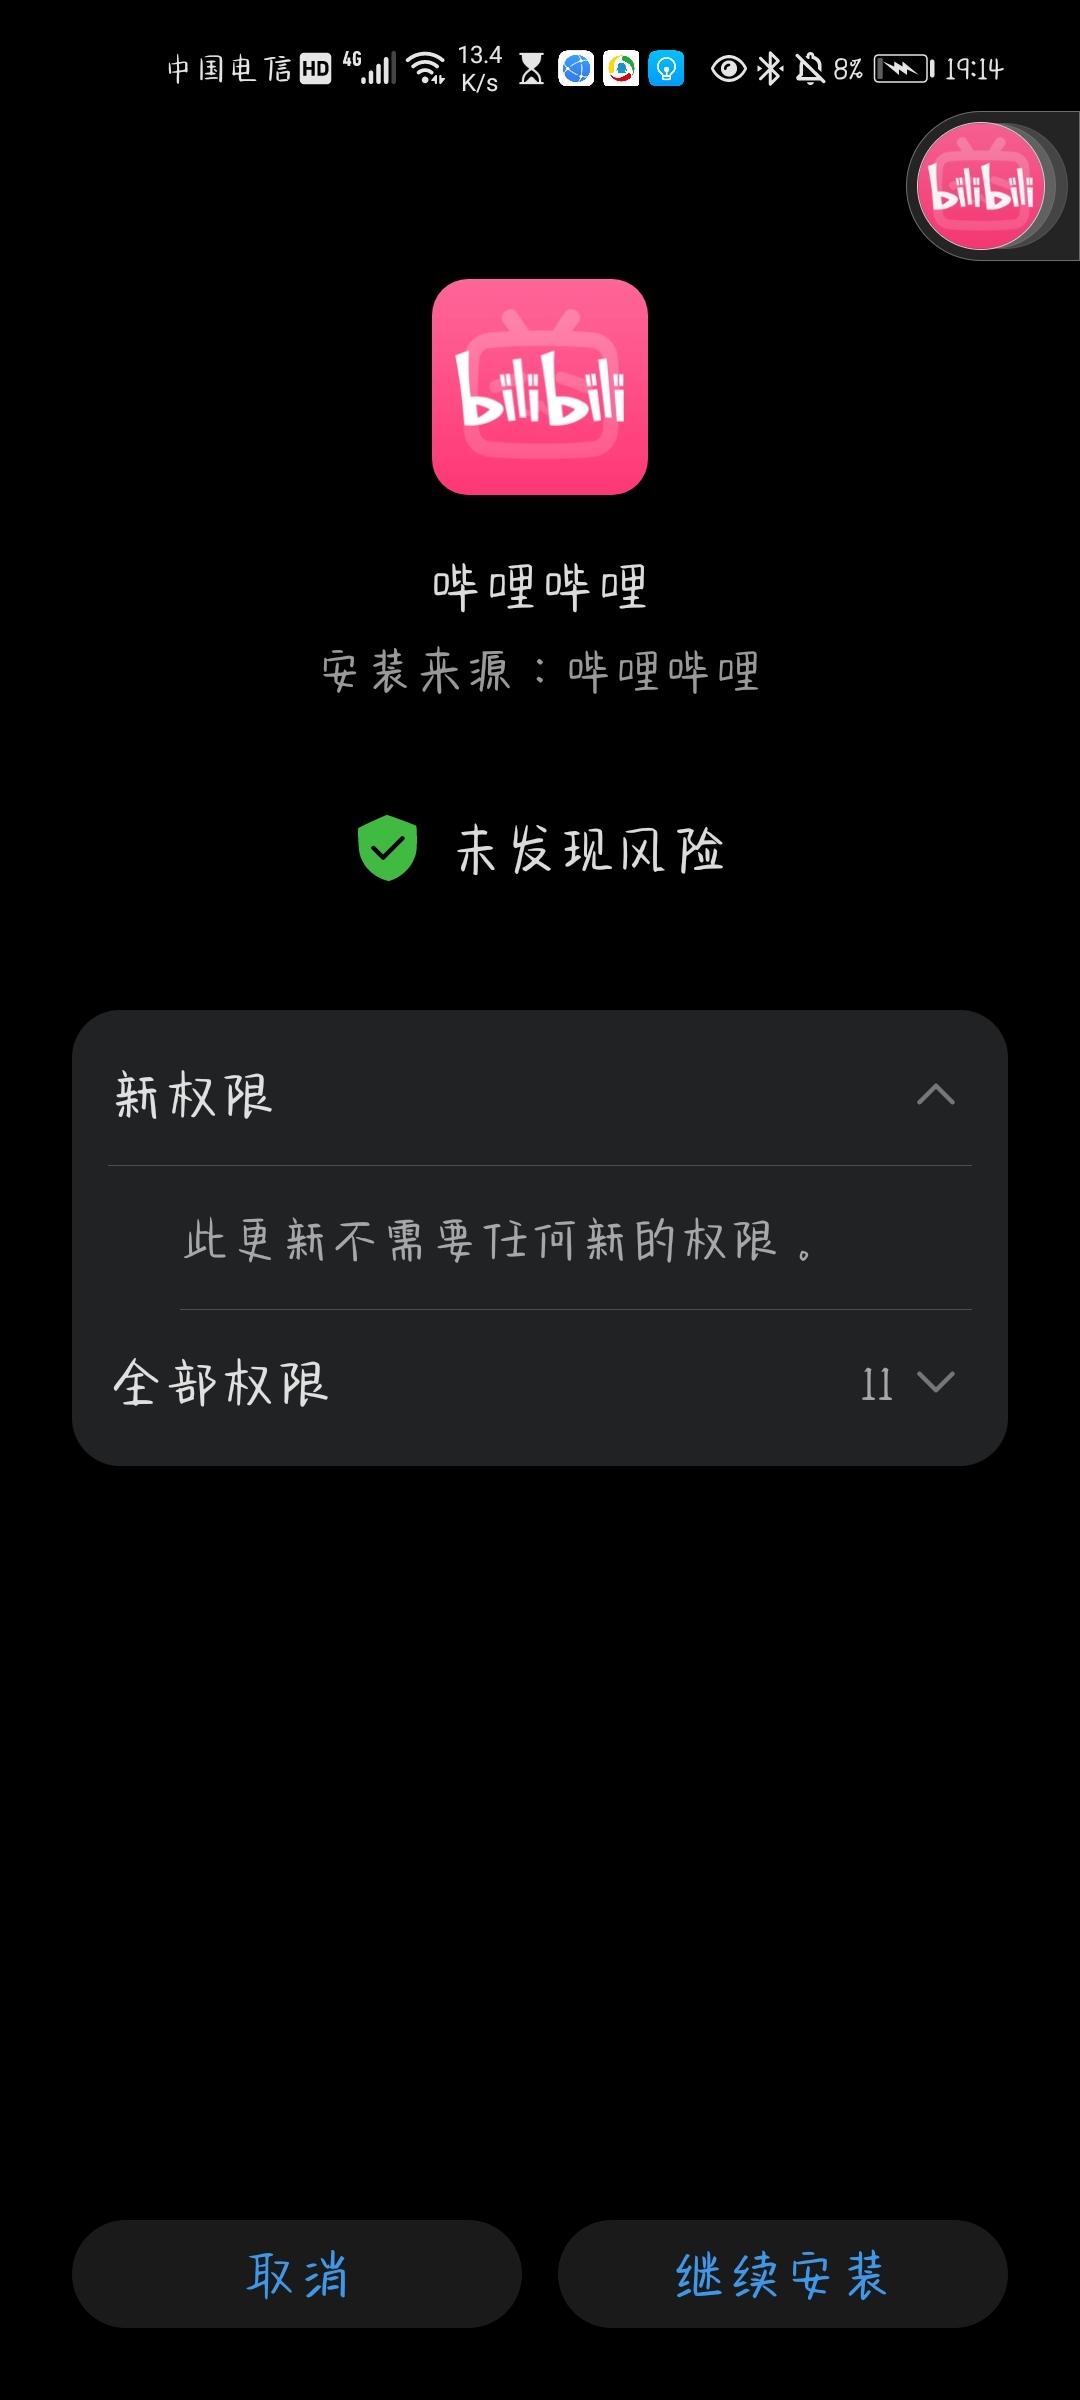 Screenshot_20210405_191406_com.android.packageinstaller.jpg